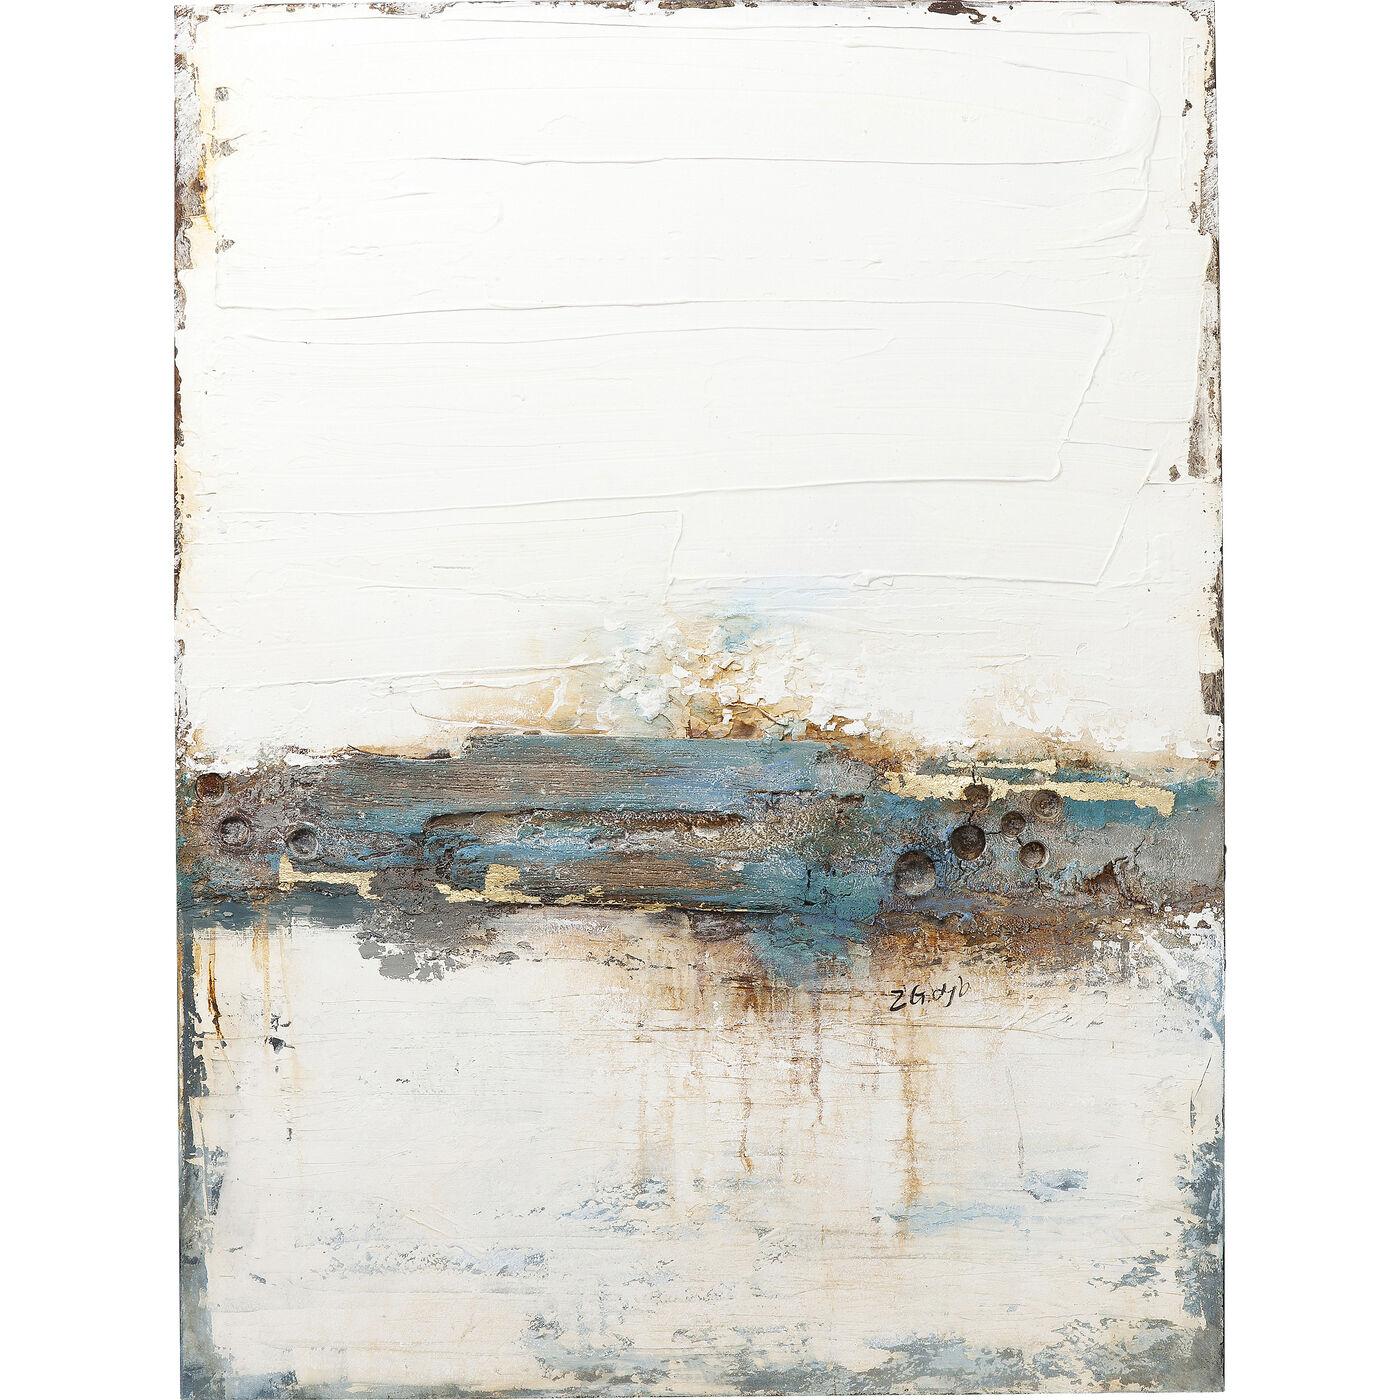 Acrylbild Abstract Stroke One 120x90